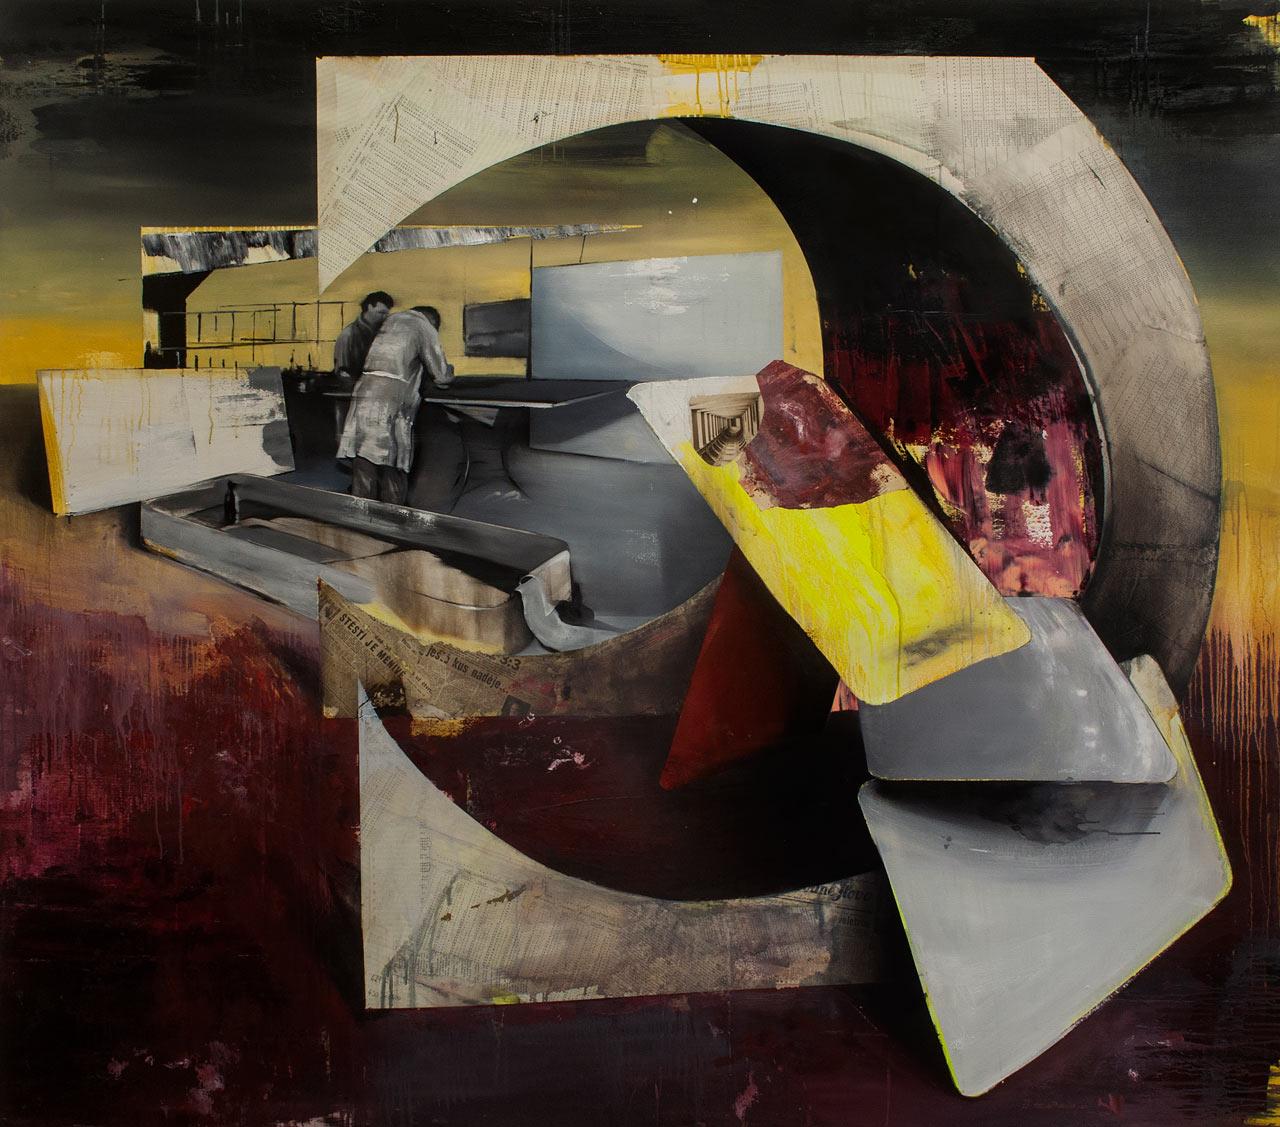 Vývojáři / naděje - Olej na plátně, 175 x 200 cm, 2020